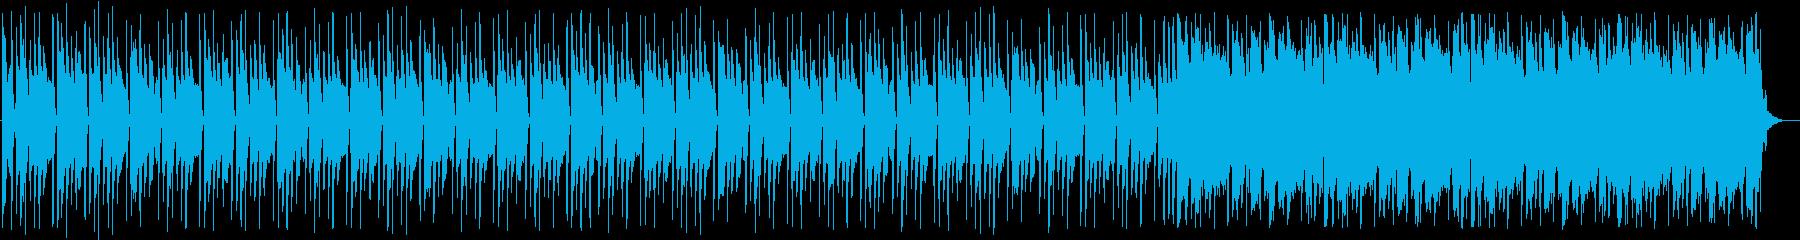 軽快な4つ打ちハウス_No583_2の再生済みの波形